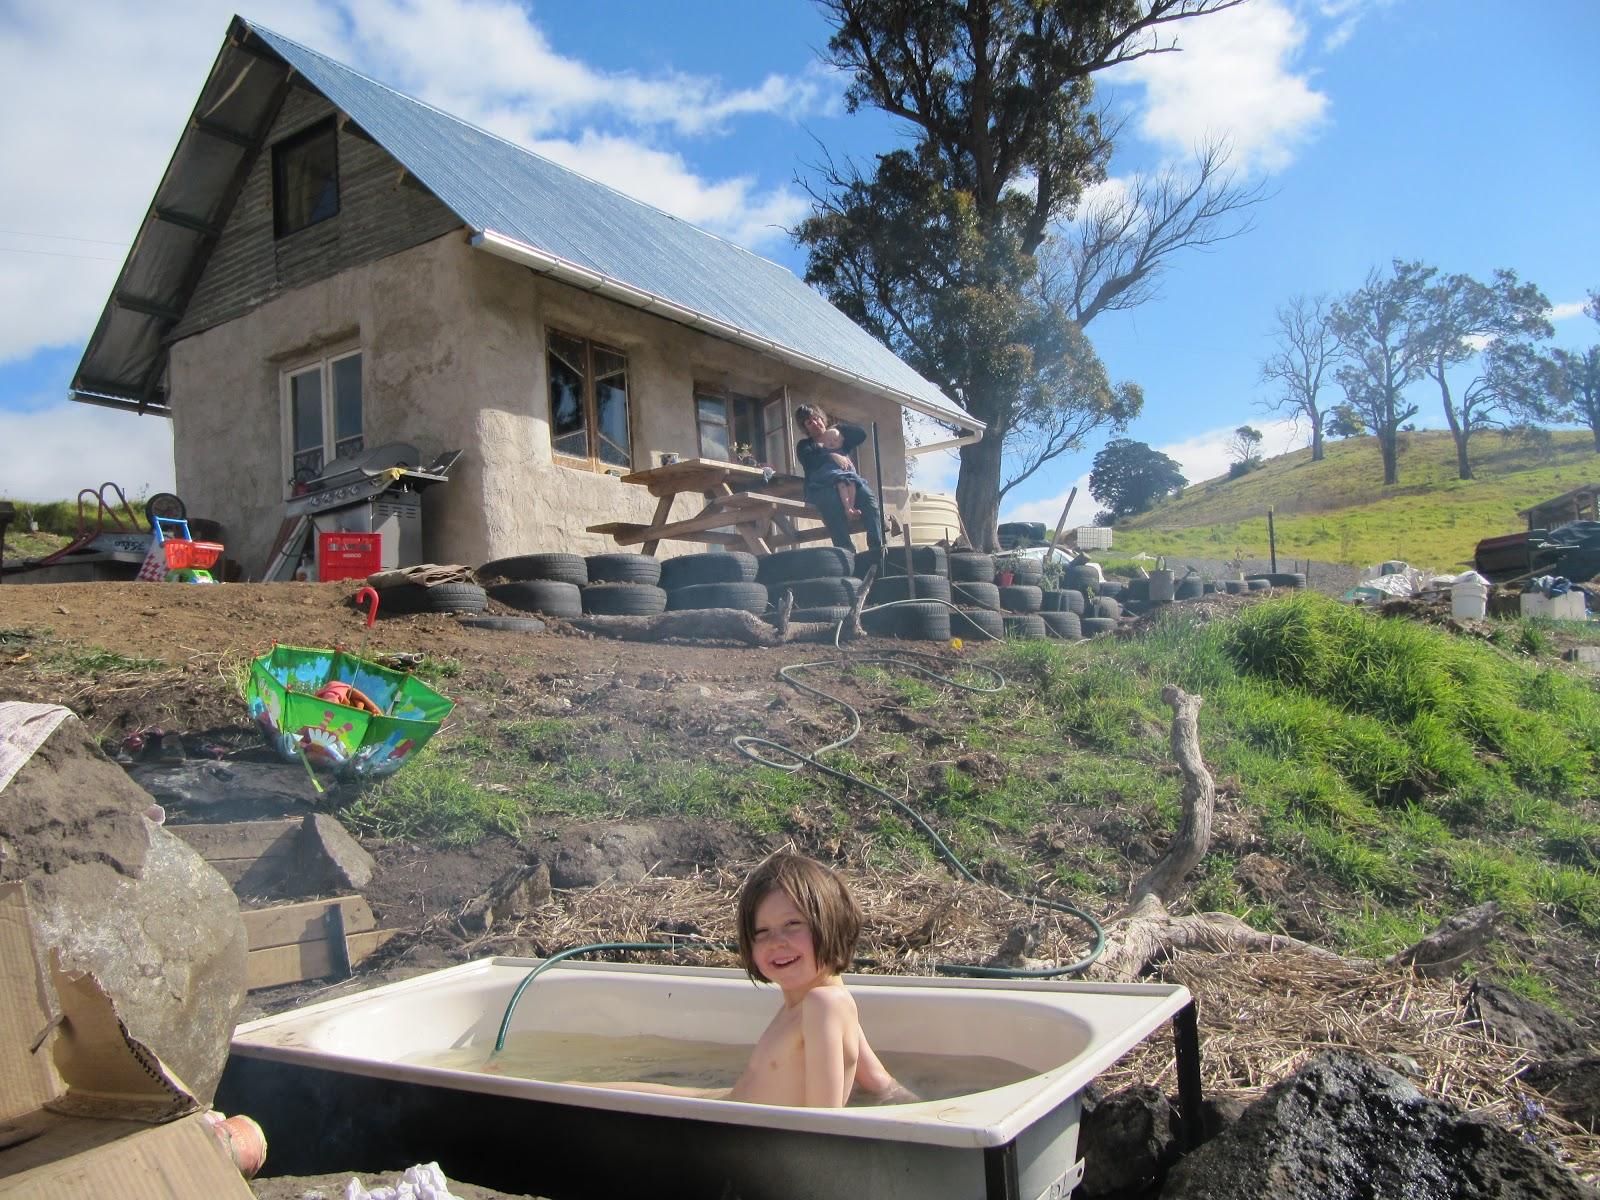 pearl & elspeth: Bottles and bathtubs